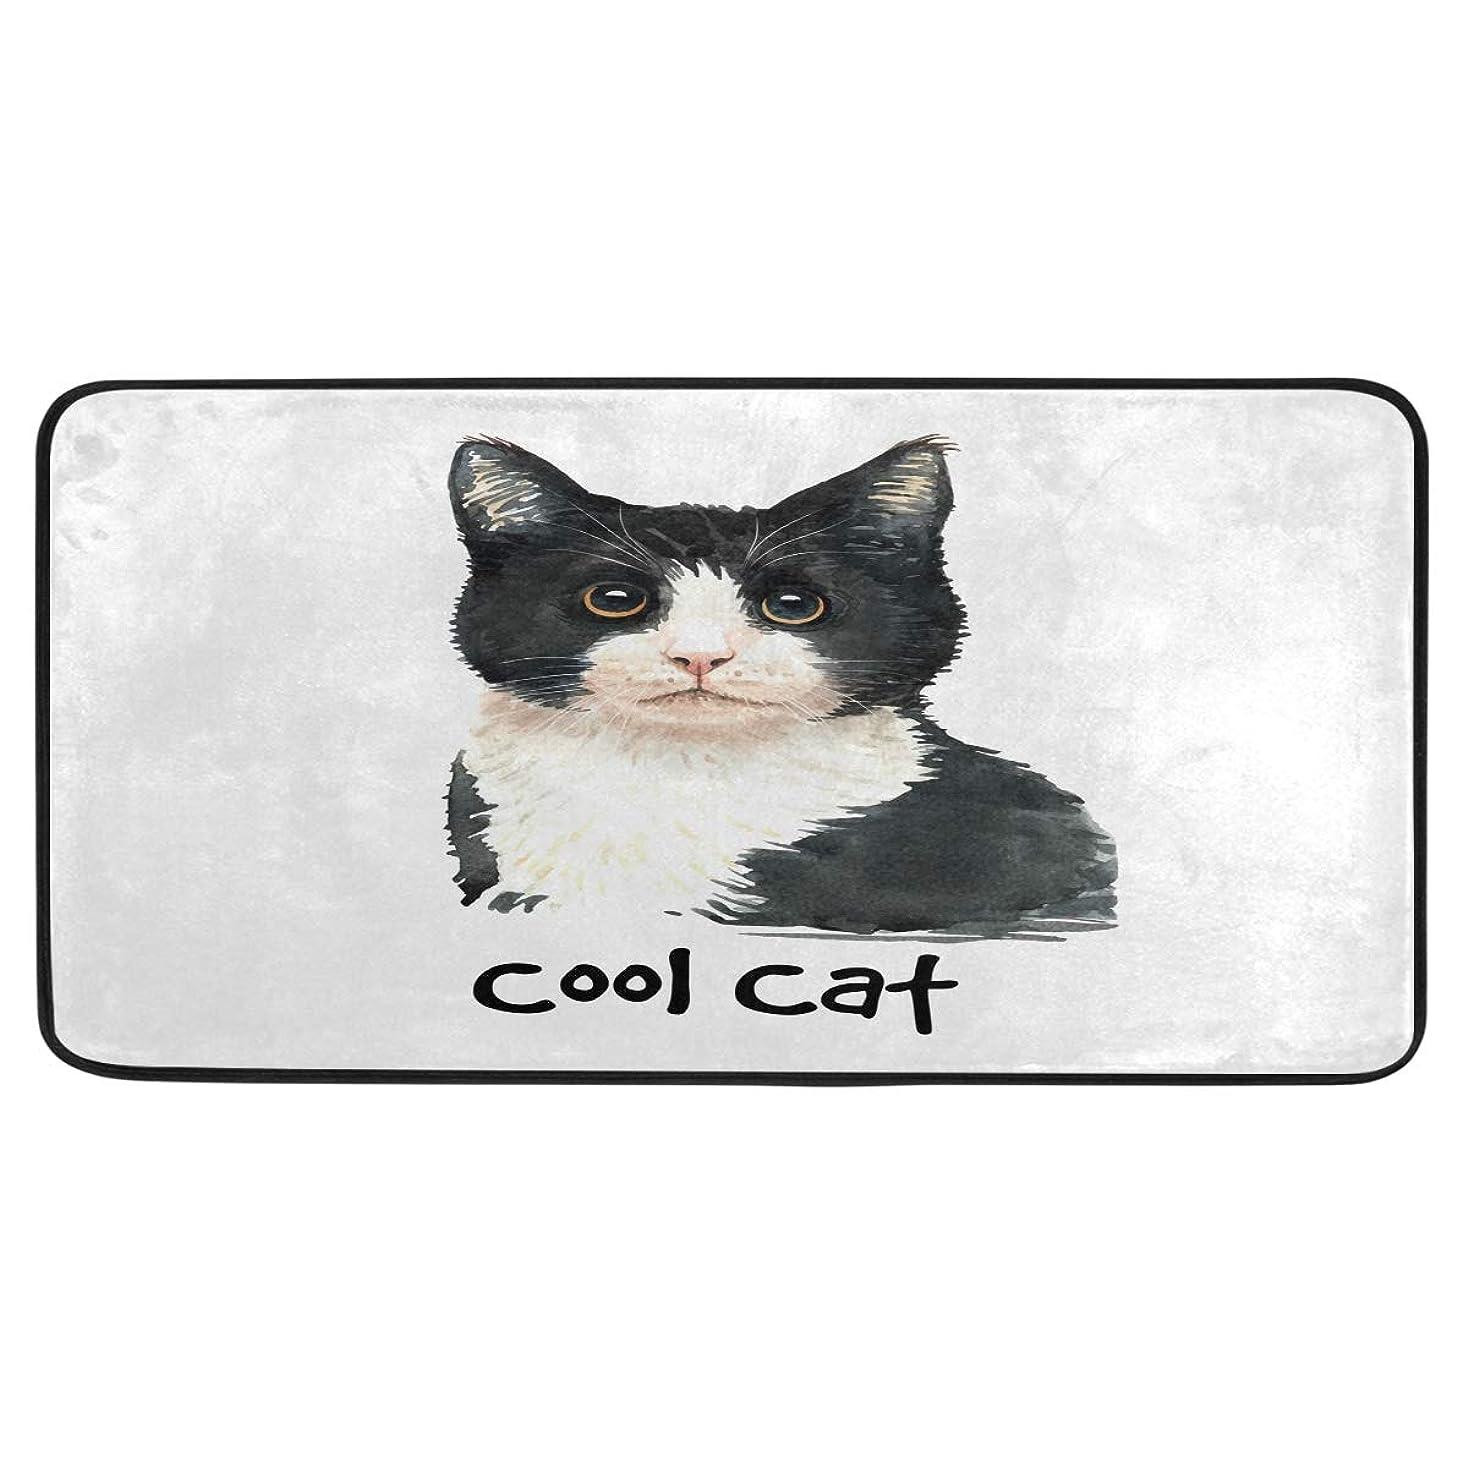 ボランティア迷彩ライバルキッチンマット 廊下マット 台所マット 玄関マット 可愛い ネコ 洗える 滑り止め 抗ピリング すべり止め